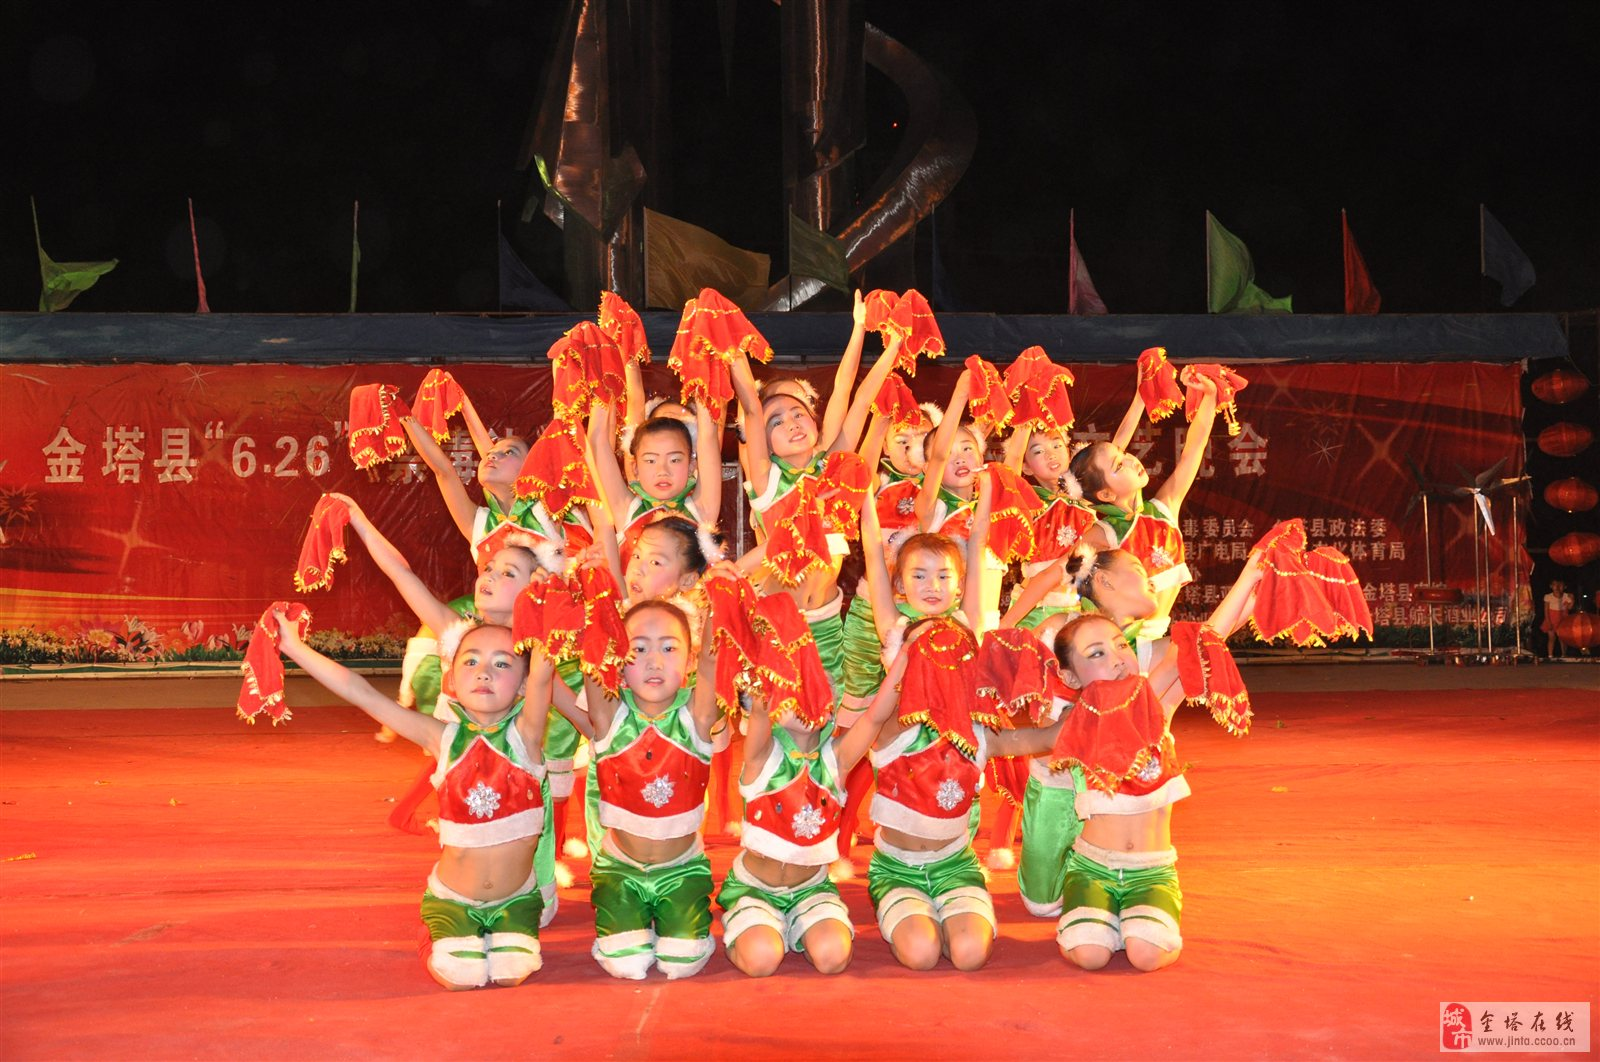 金塔小明星舞蹈学校航天广场演出现场